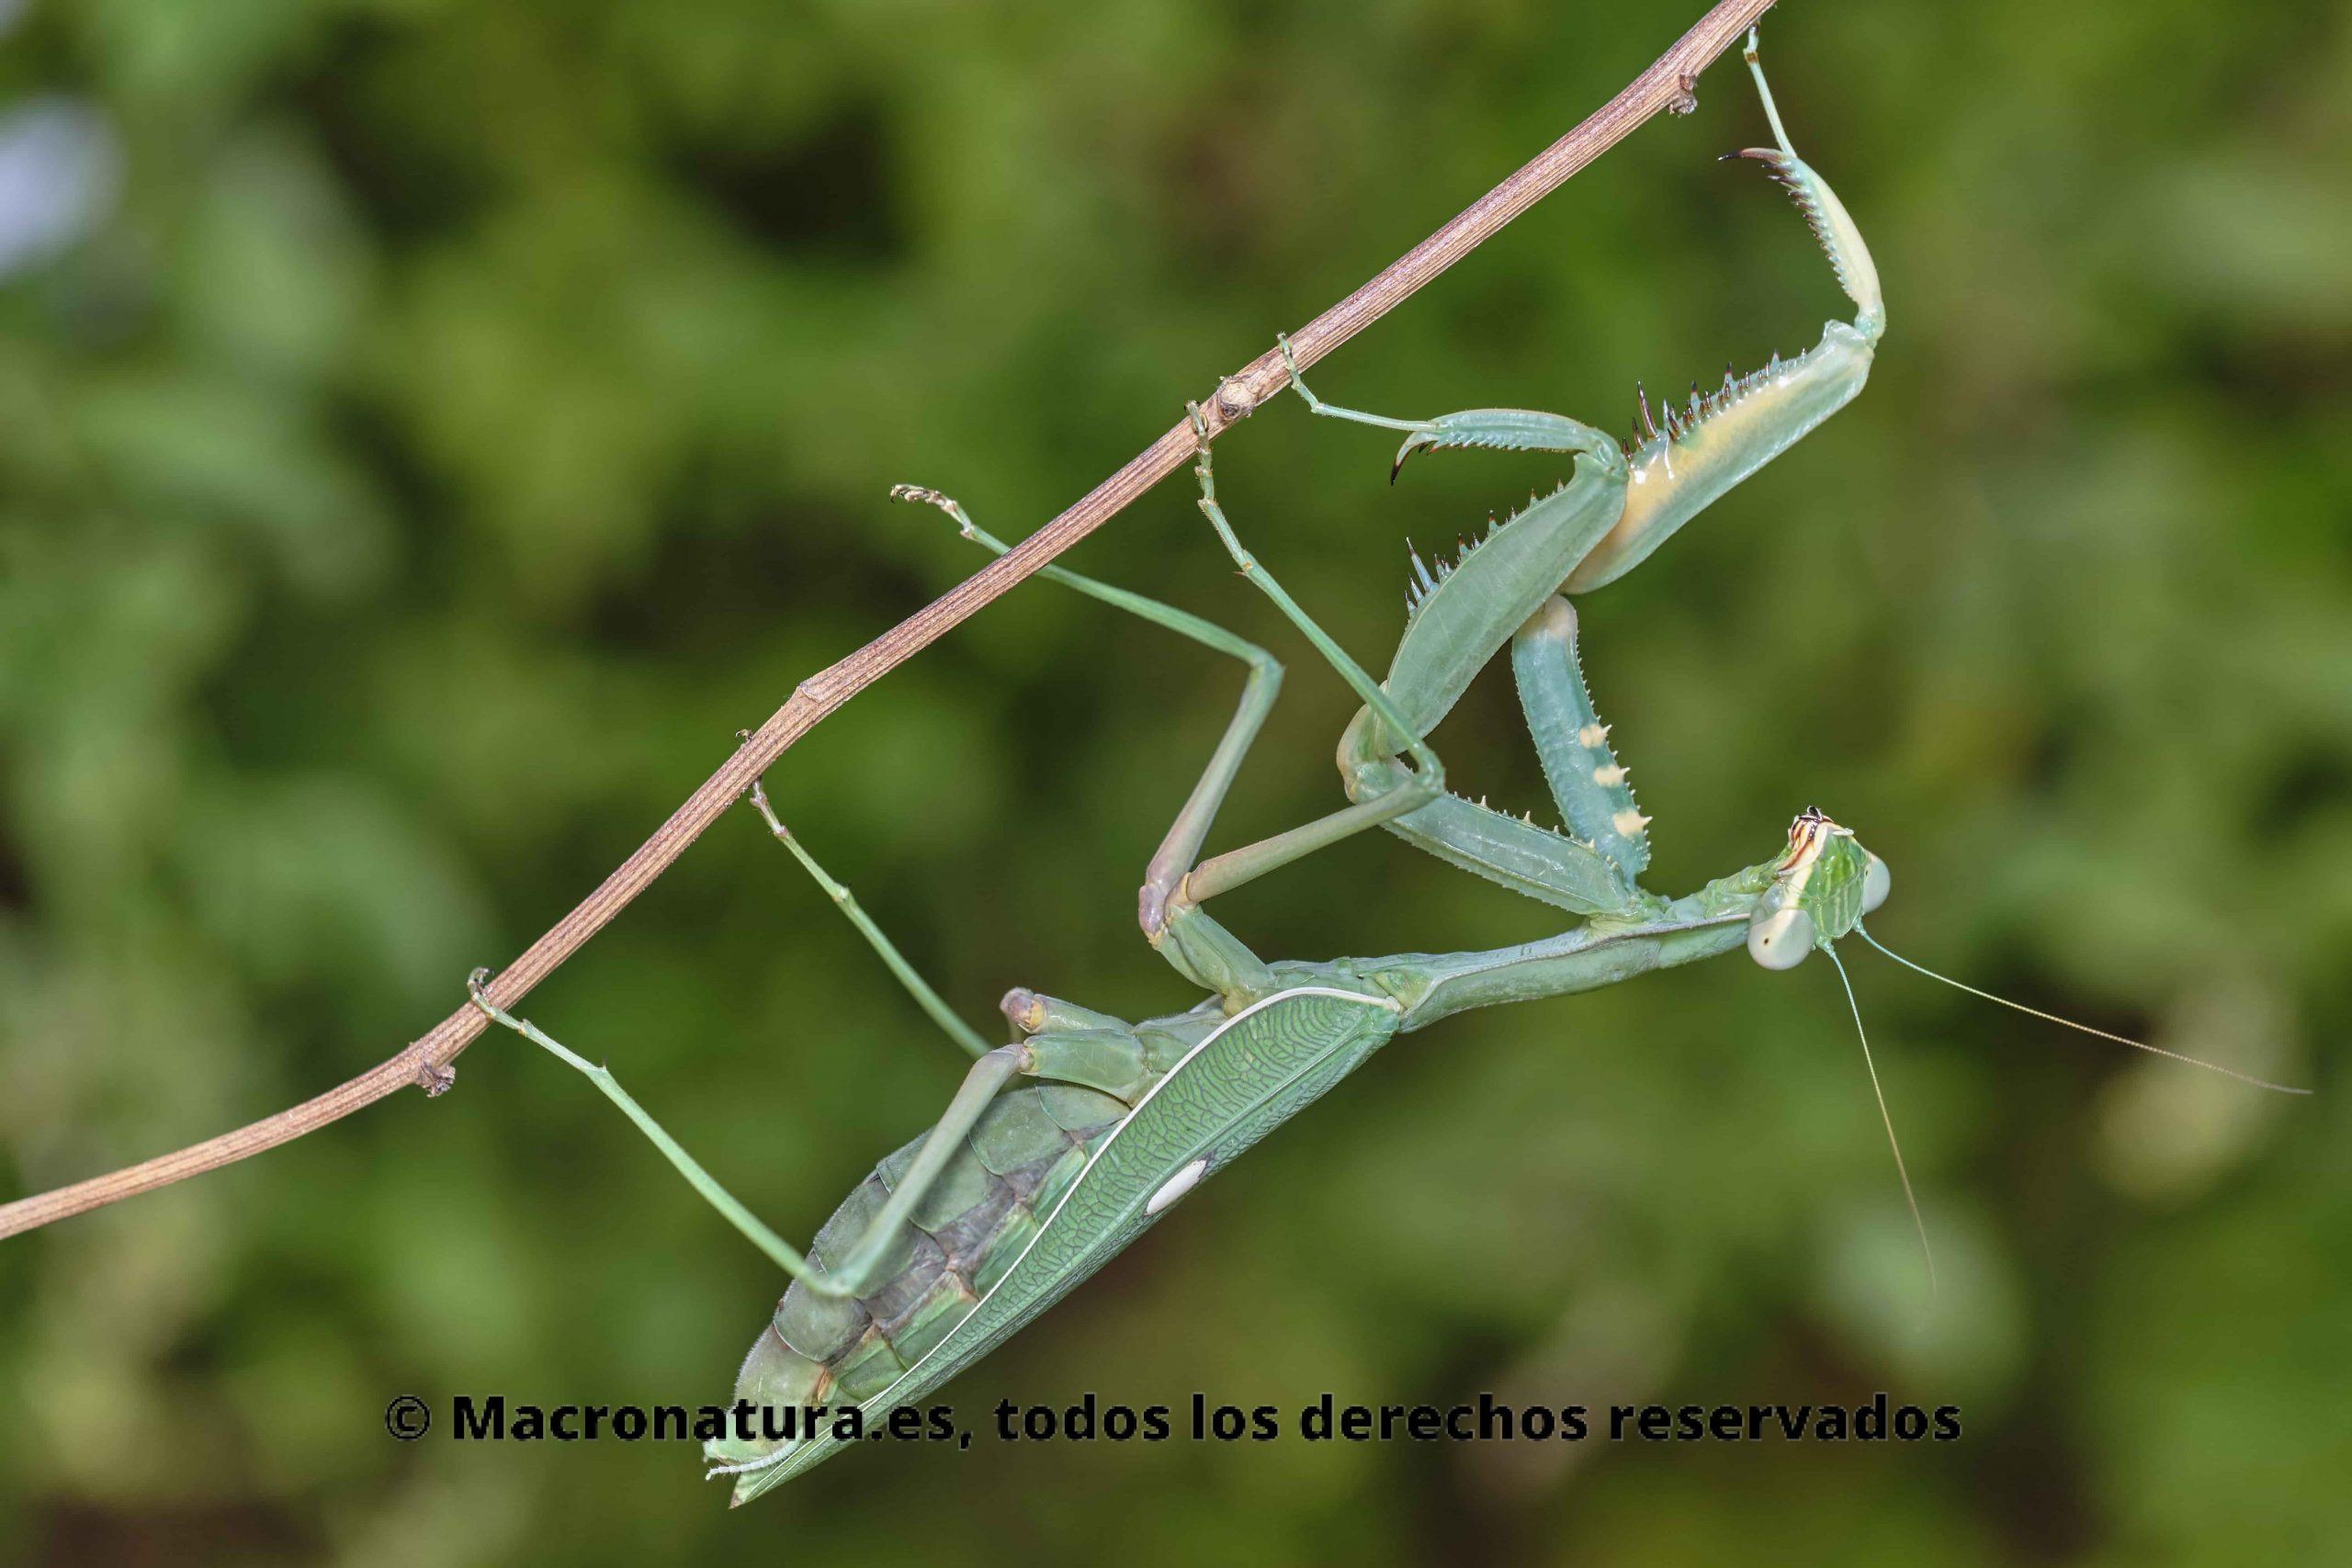 Sphodromantis viridis sobre una rama de una planta en un fondo verde